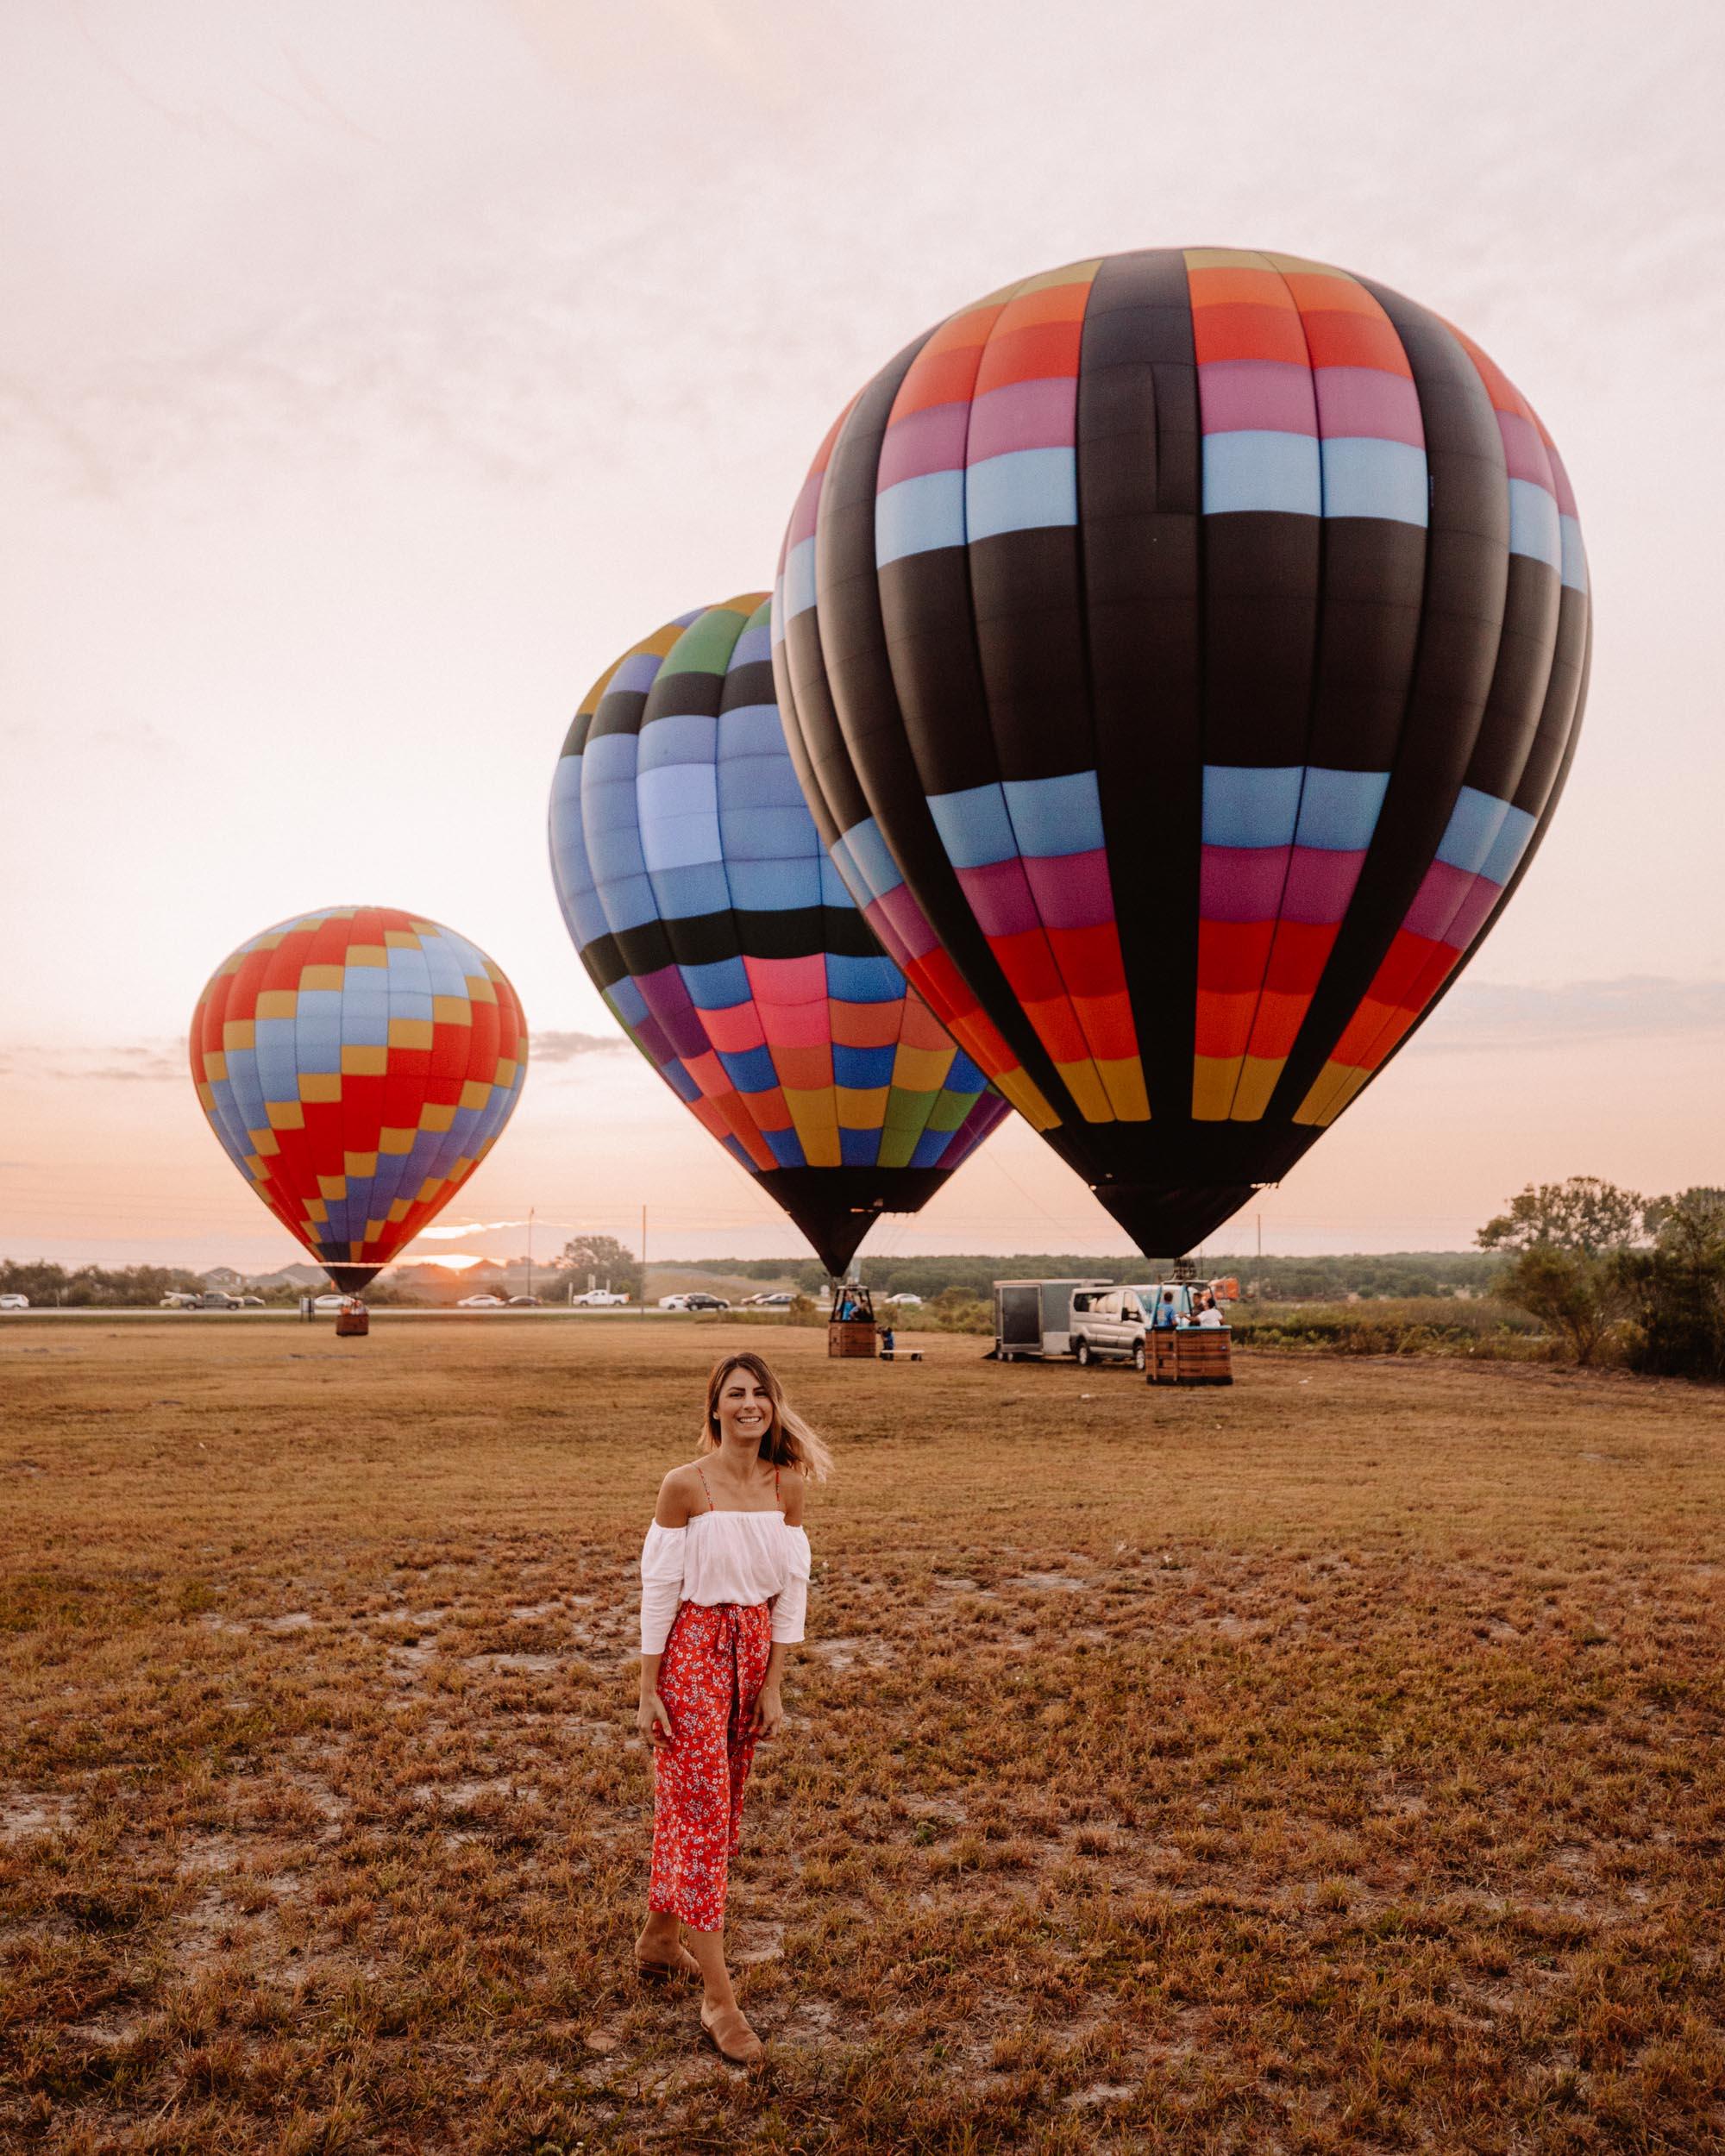 Hot air balloon ride with Orlando Balloon in Kissimmee Florida